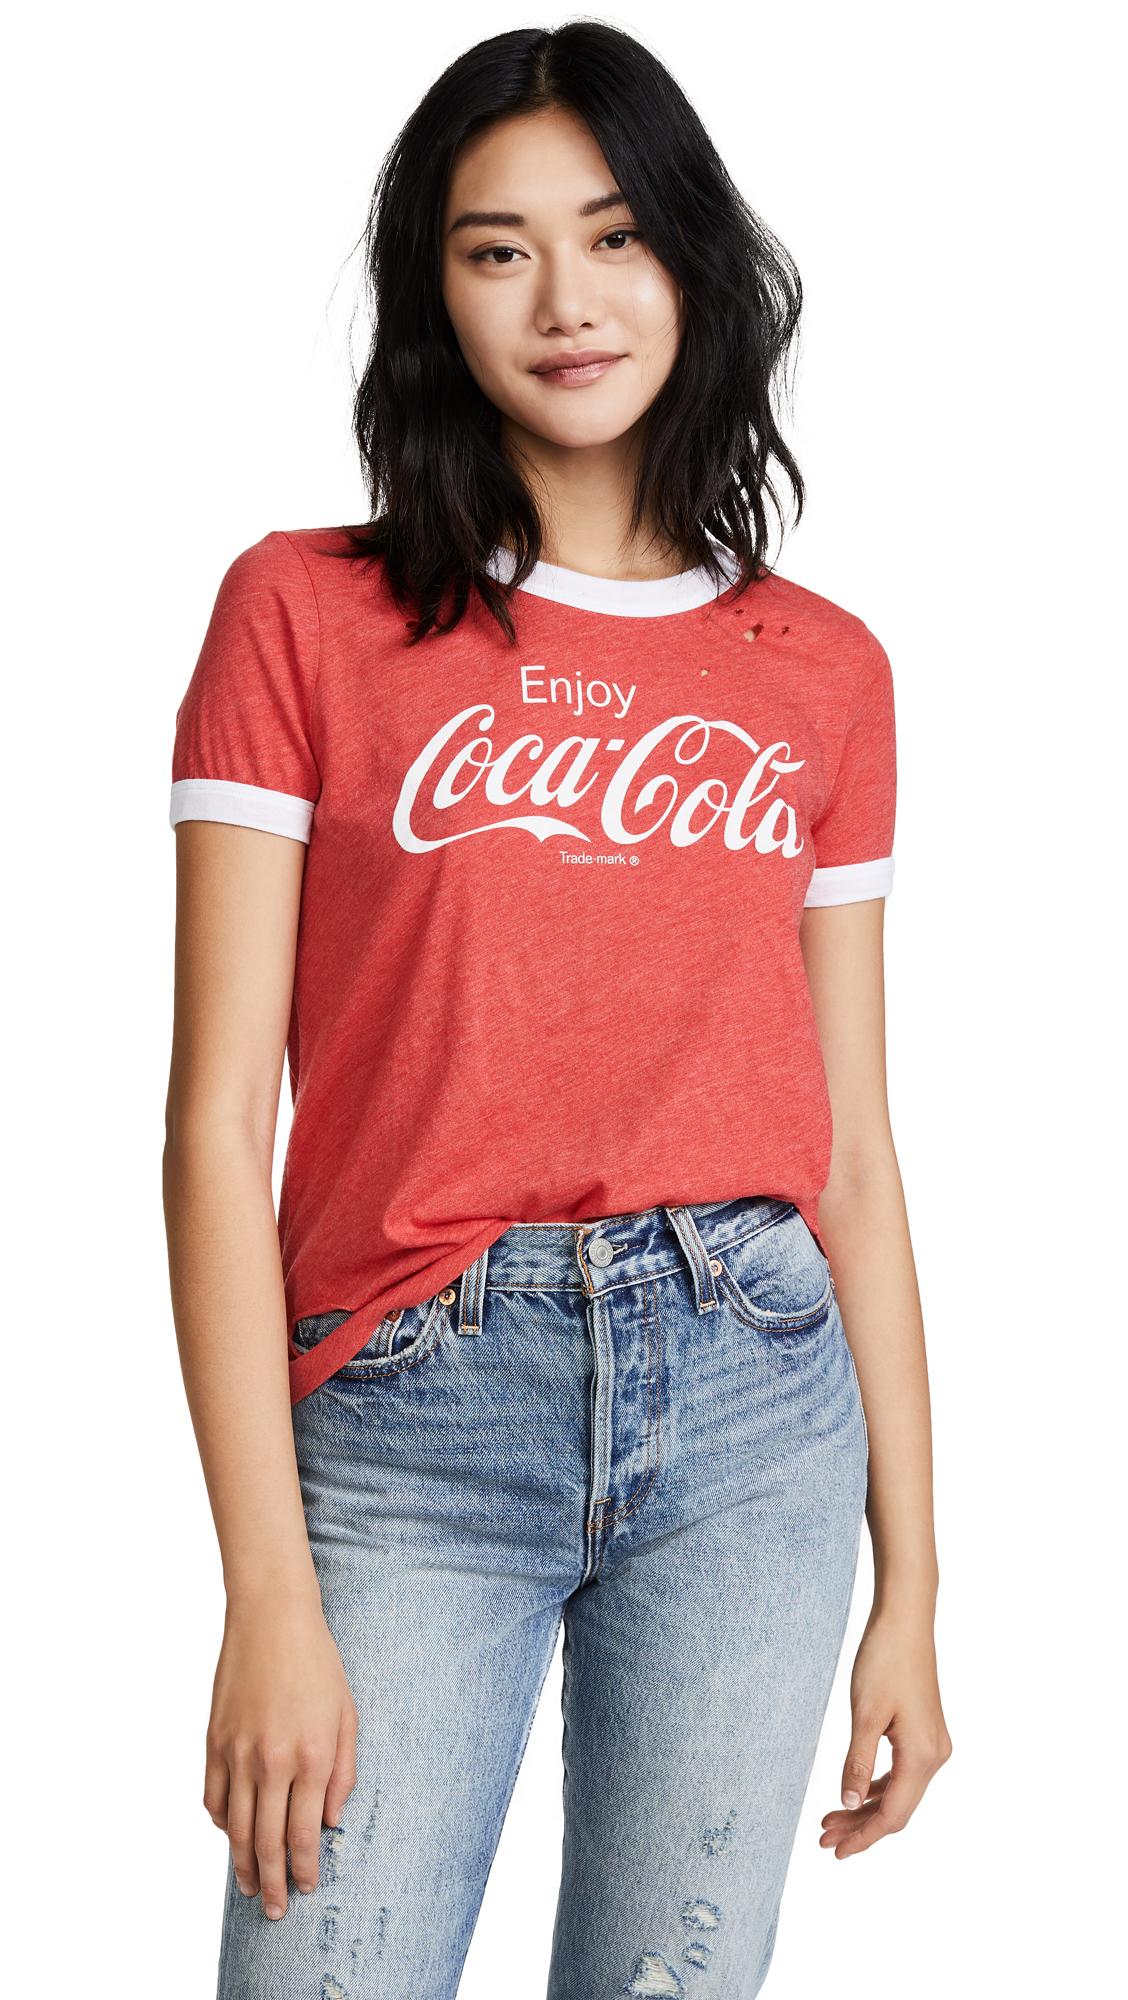 Wildfox Coca Cola Tee